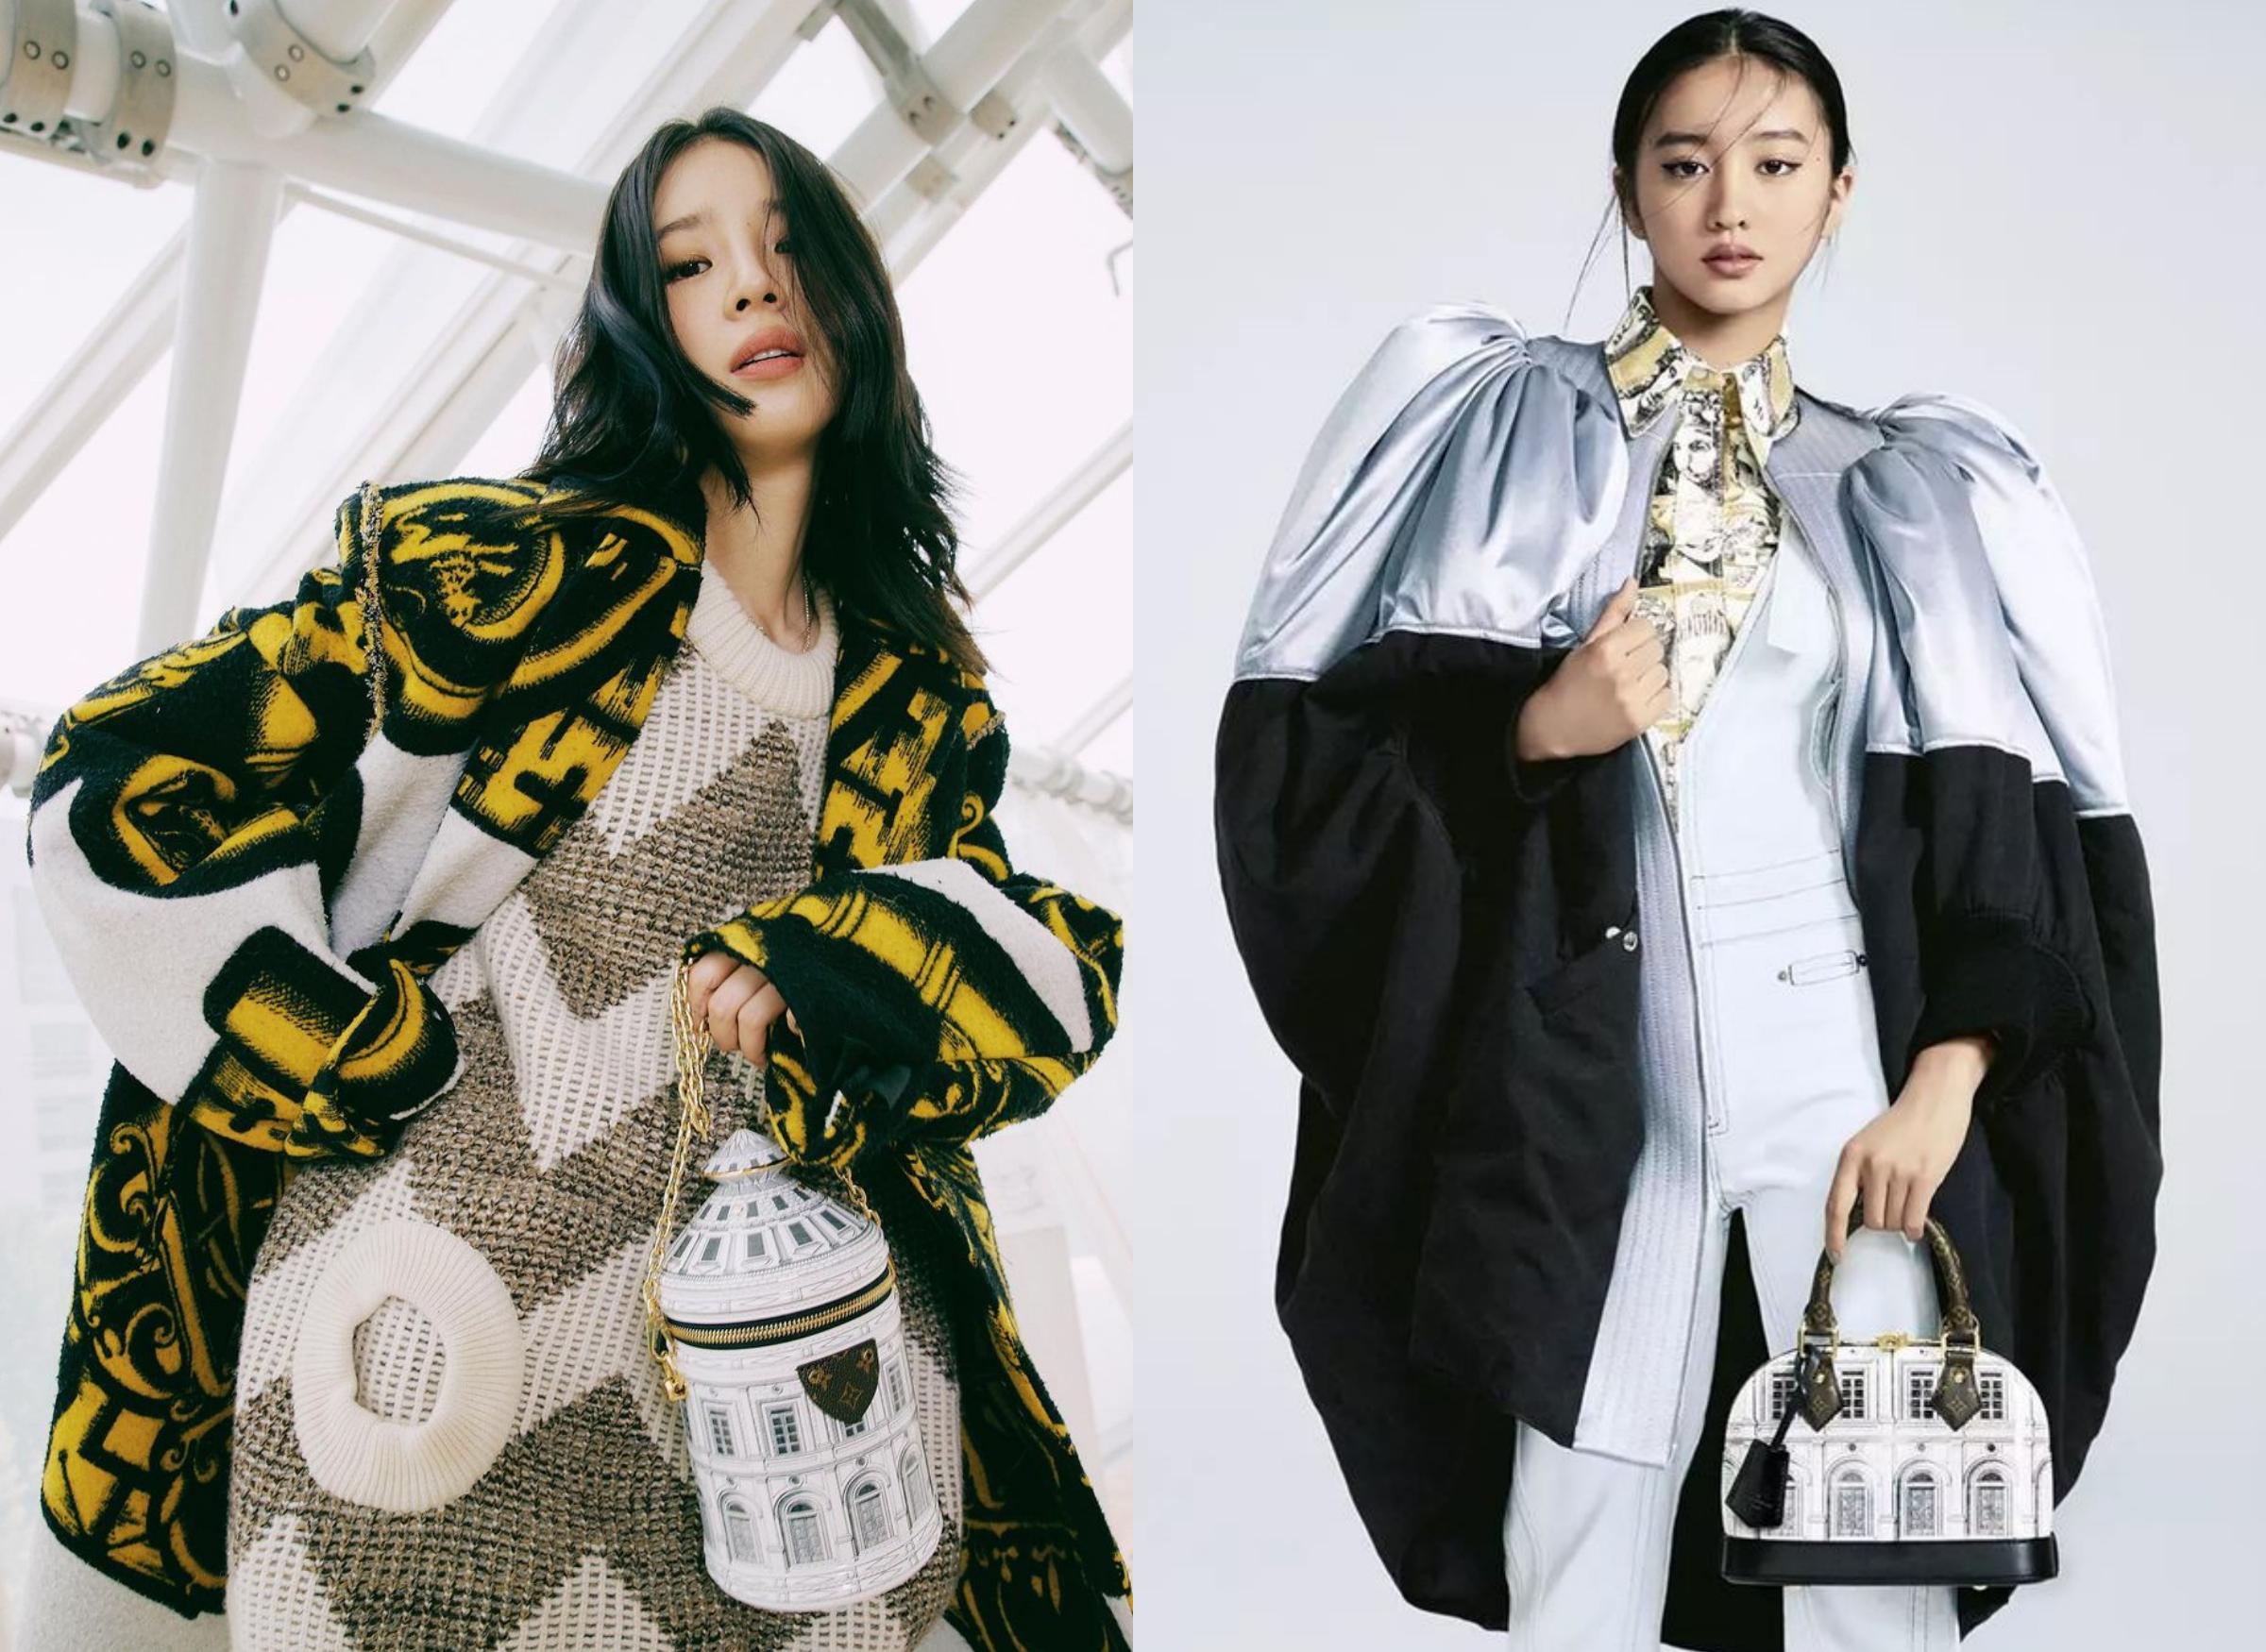 Irene Kim (trái) - fashionista Mỹ gốc Hàn - khoe phong cách cá tính với túi Thu Đông 2021. Trong khi đó người mẫu Koki tạo dáng với loạt túi in bức họa nổi tiếng của Fornasetti. Ảnh: Instagram Ireneisgood, Koki